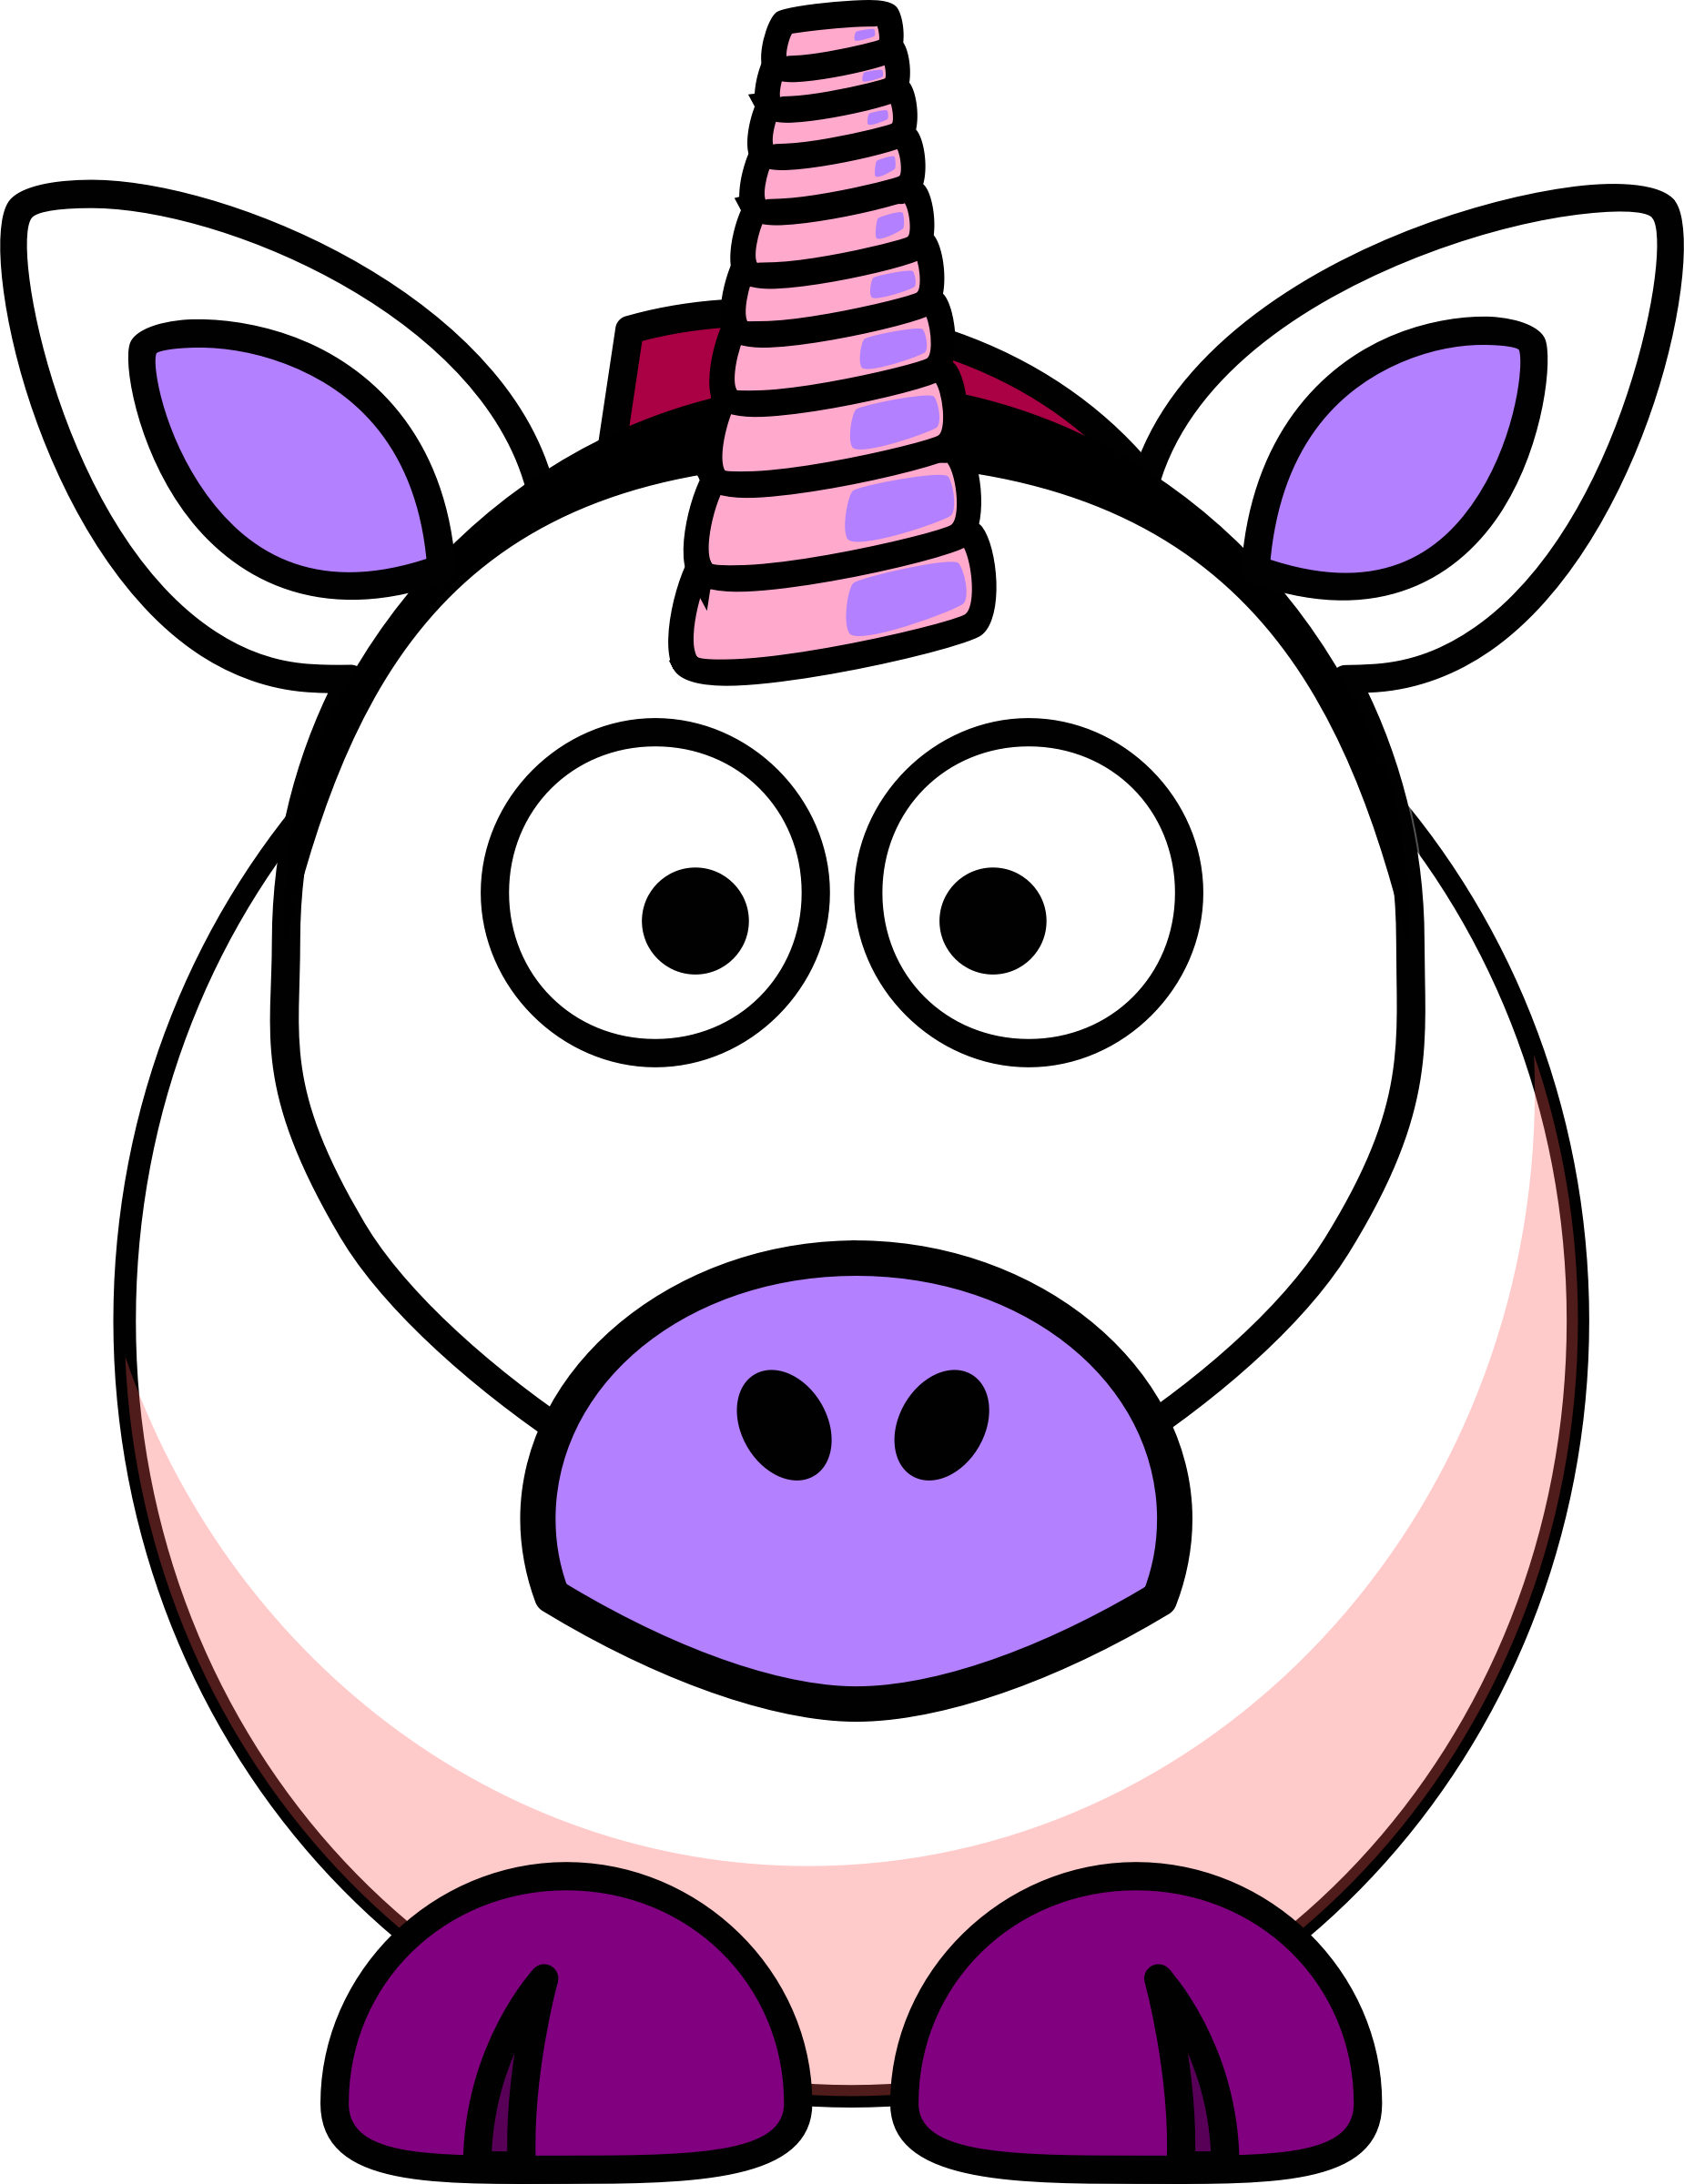 Unicorn clipart fans 4